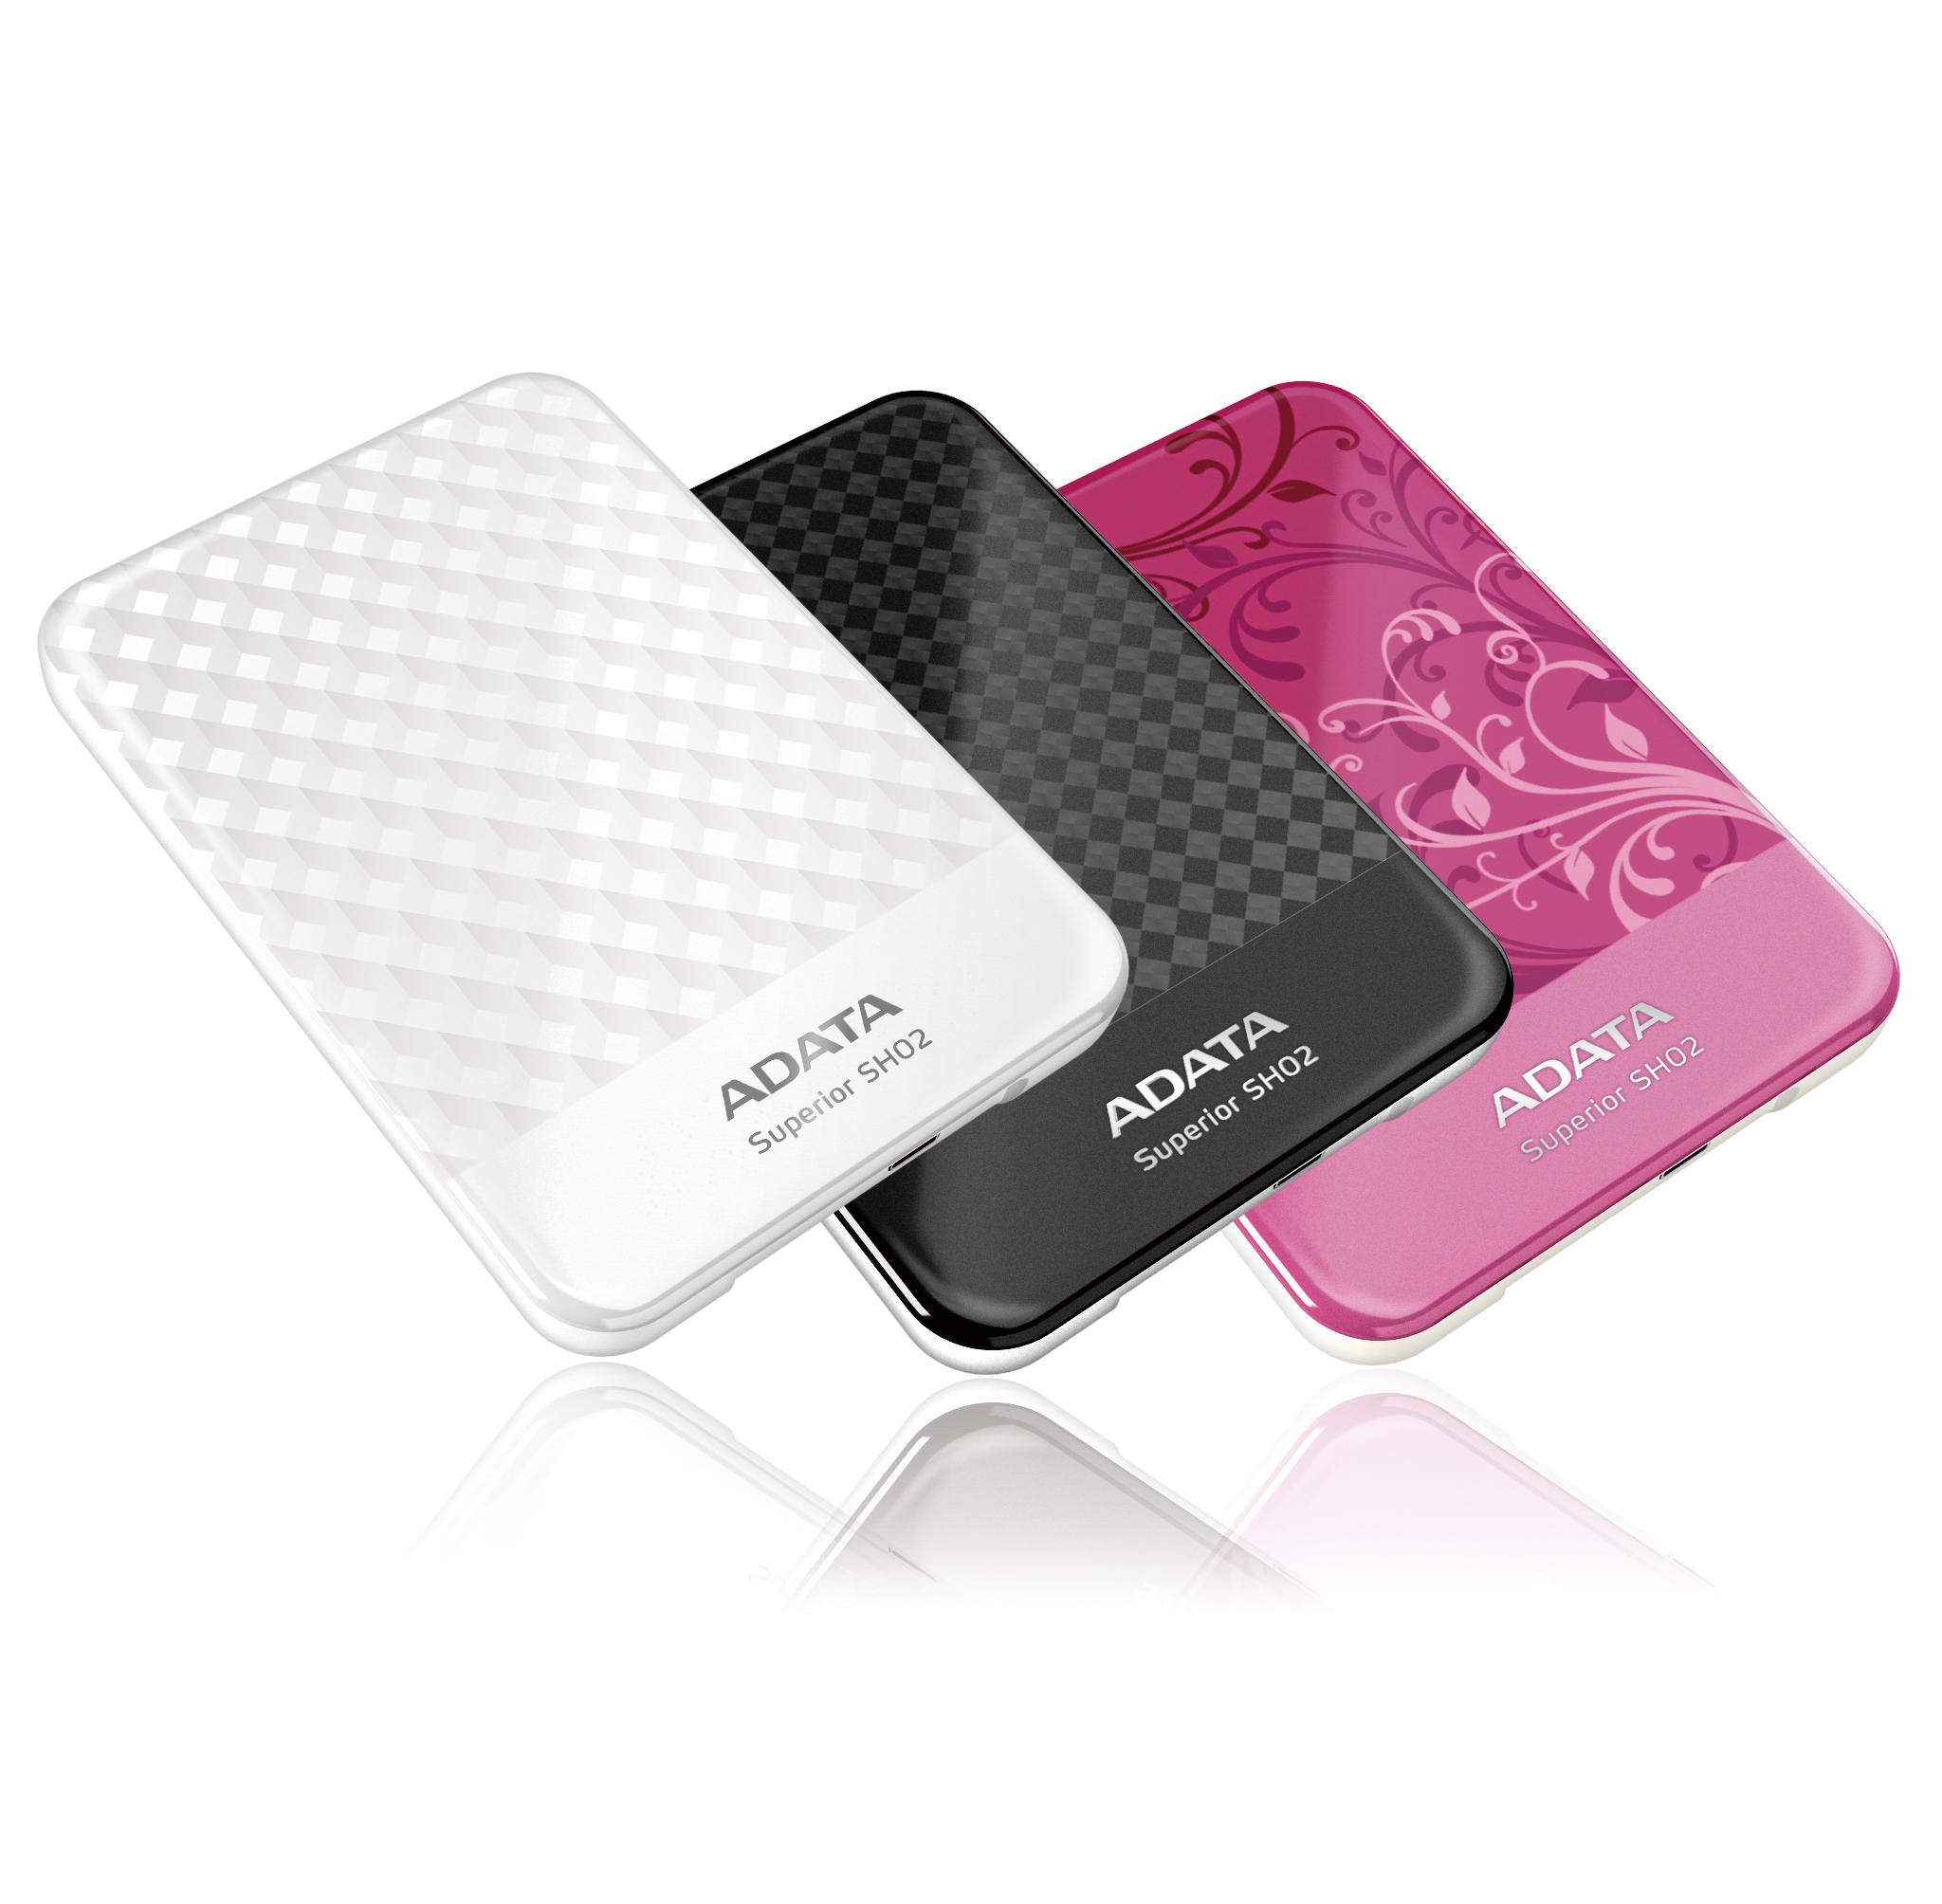 花漾美型外接式硬碟 / 威剛科技股份有限公司